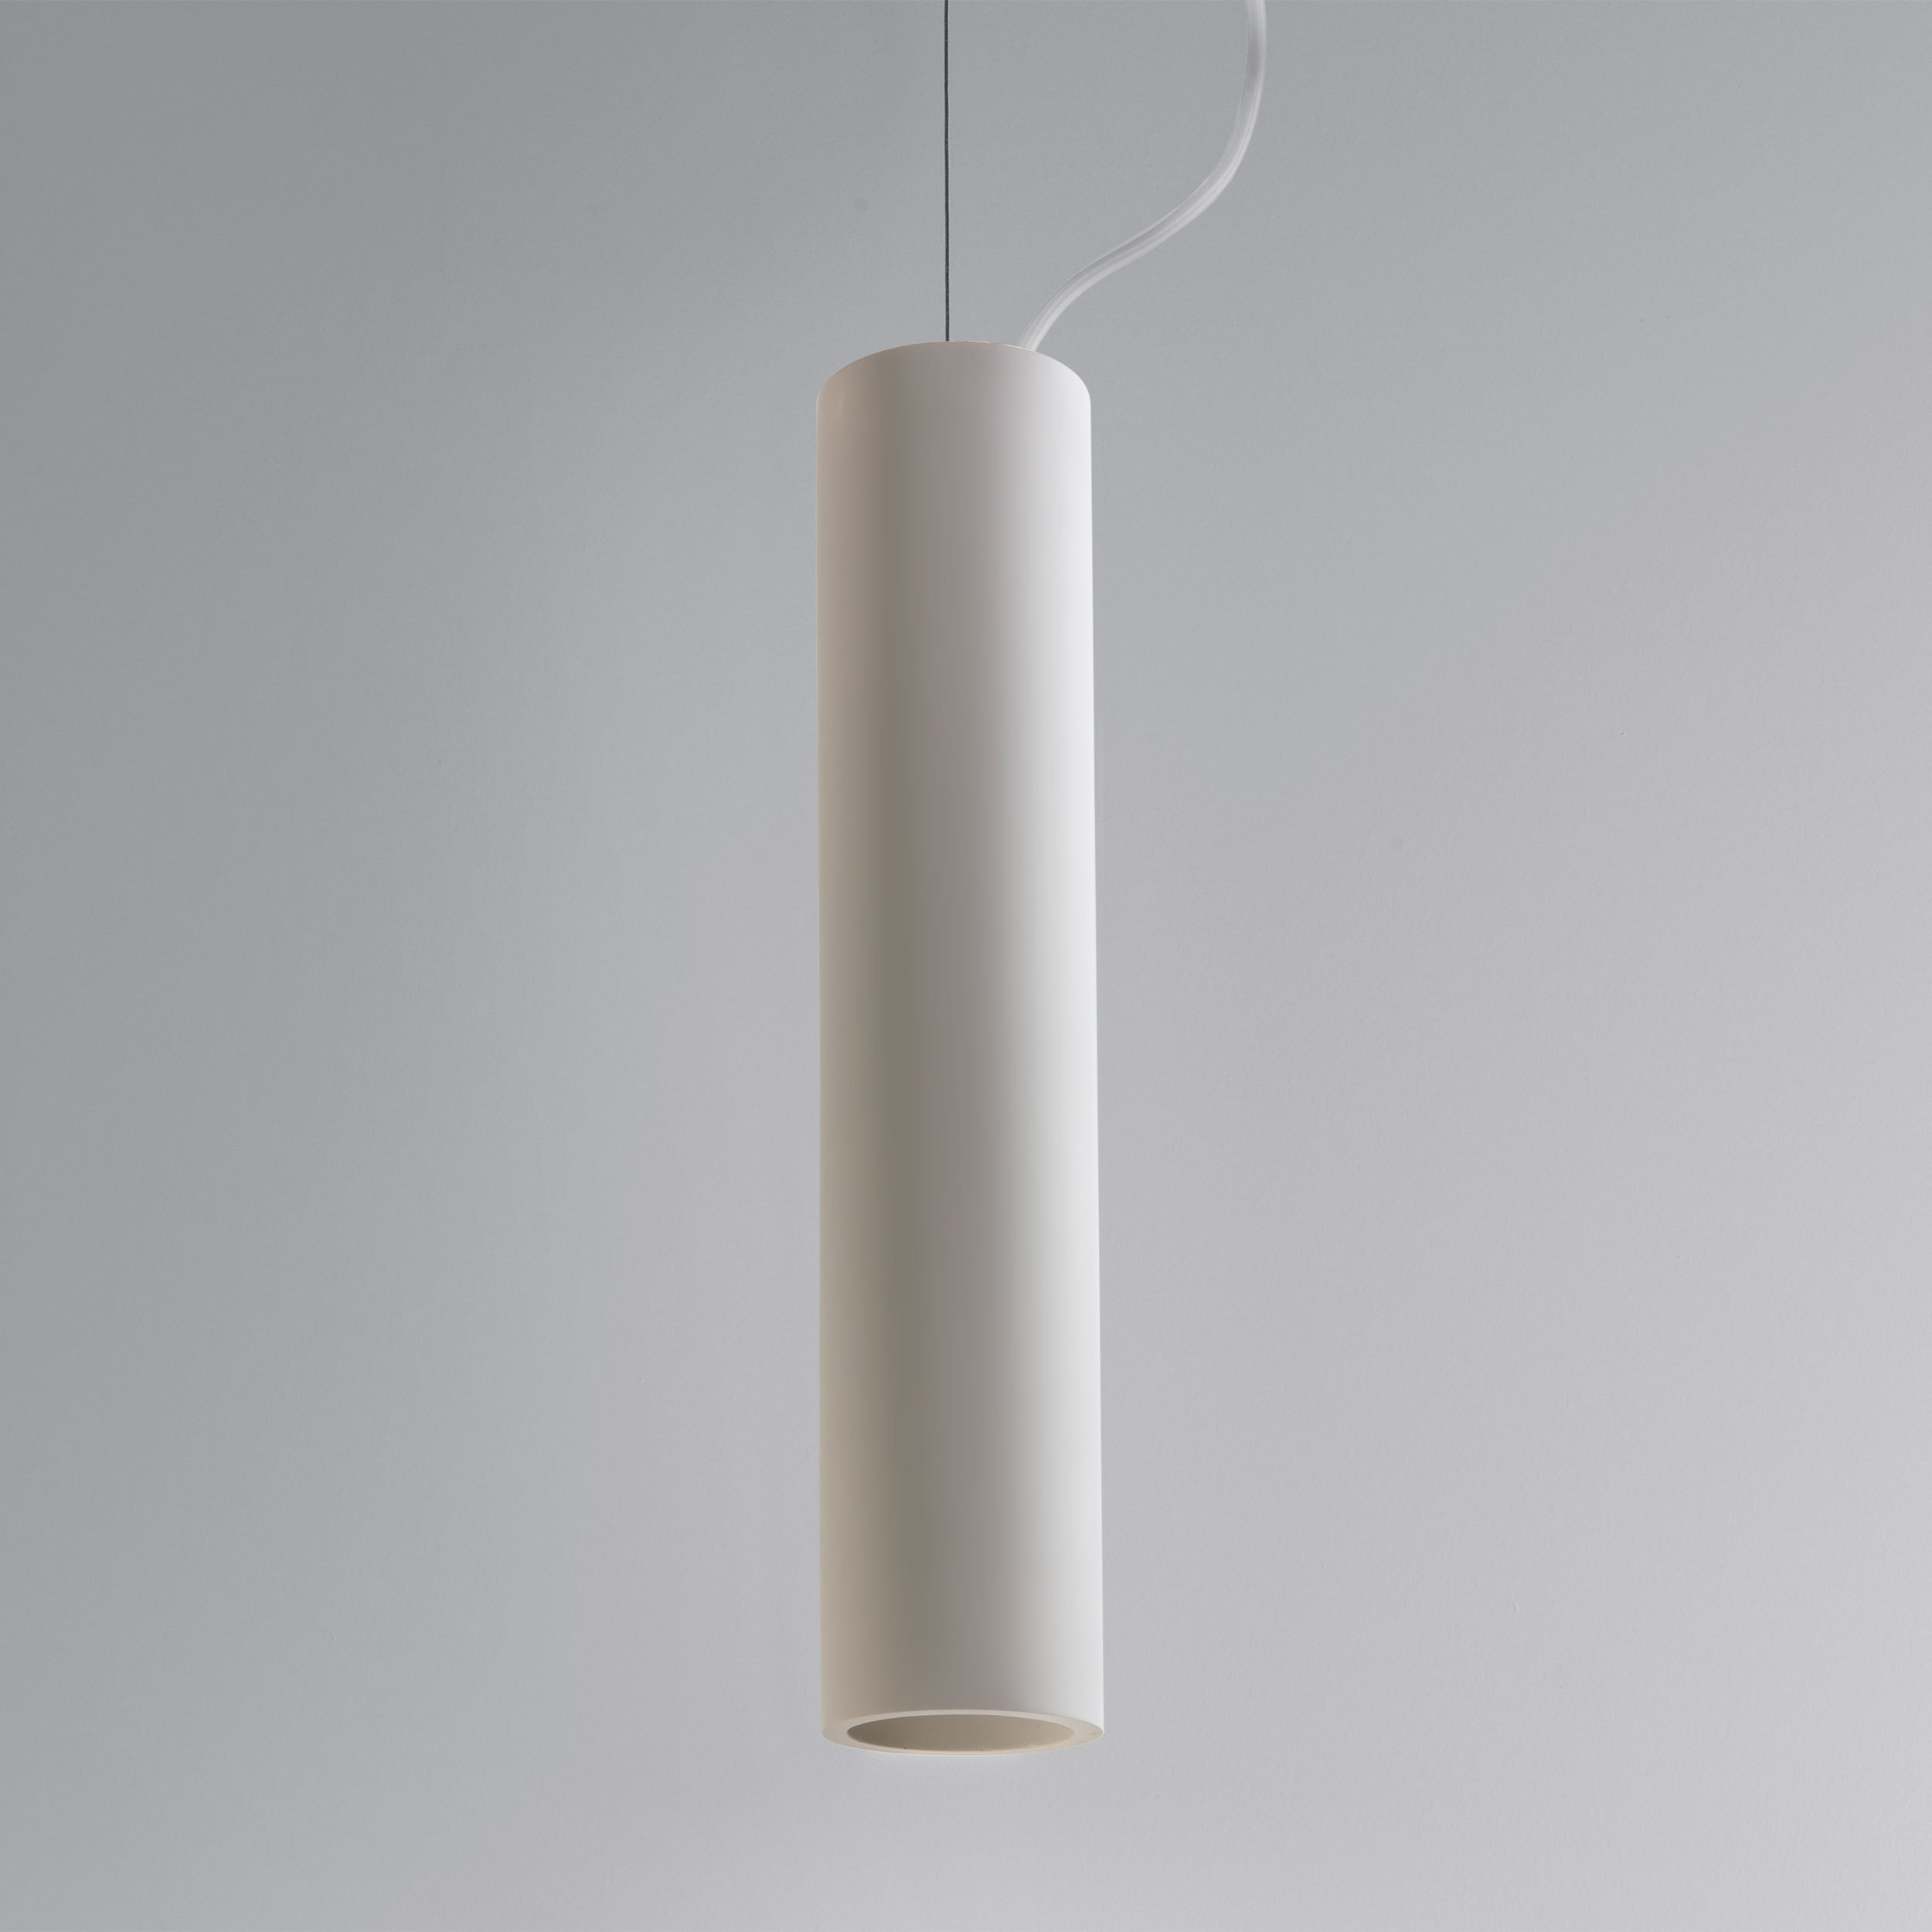 Подвесной светильник Astro Osca 1252014 (7386), 1xGU10x13W, белый, под покраску, металл, гипс - фото 1